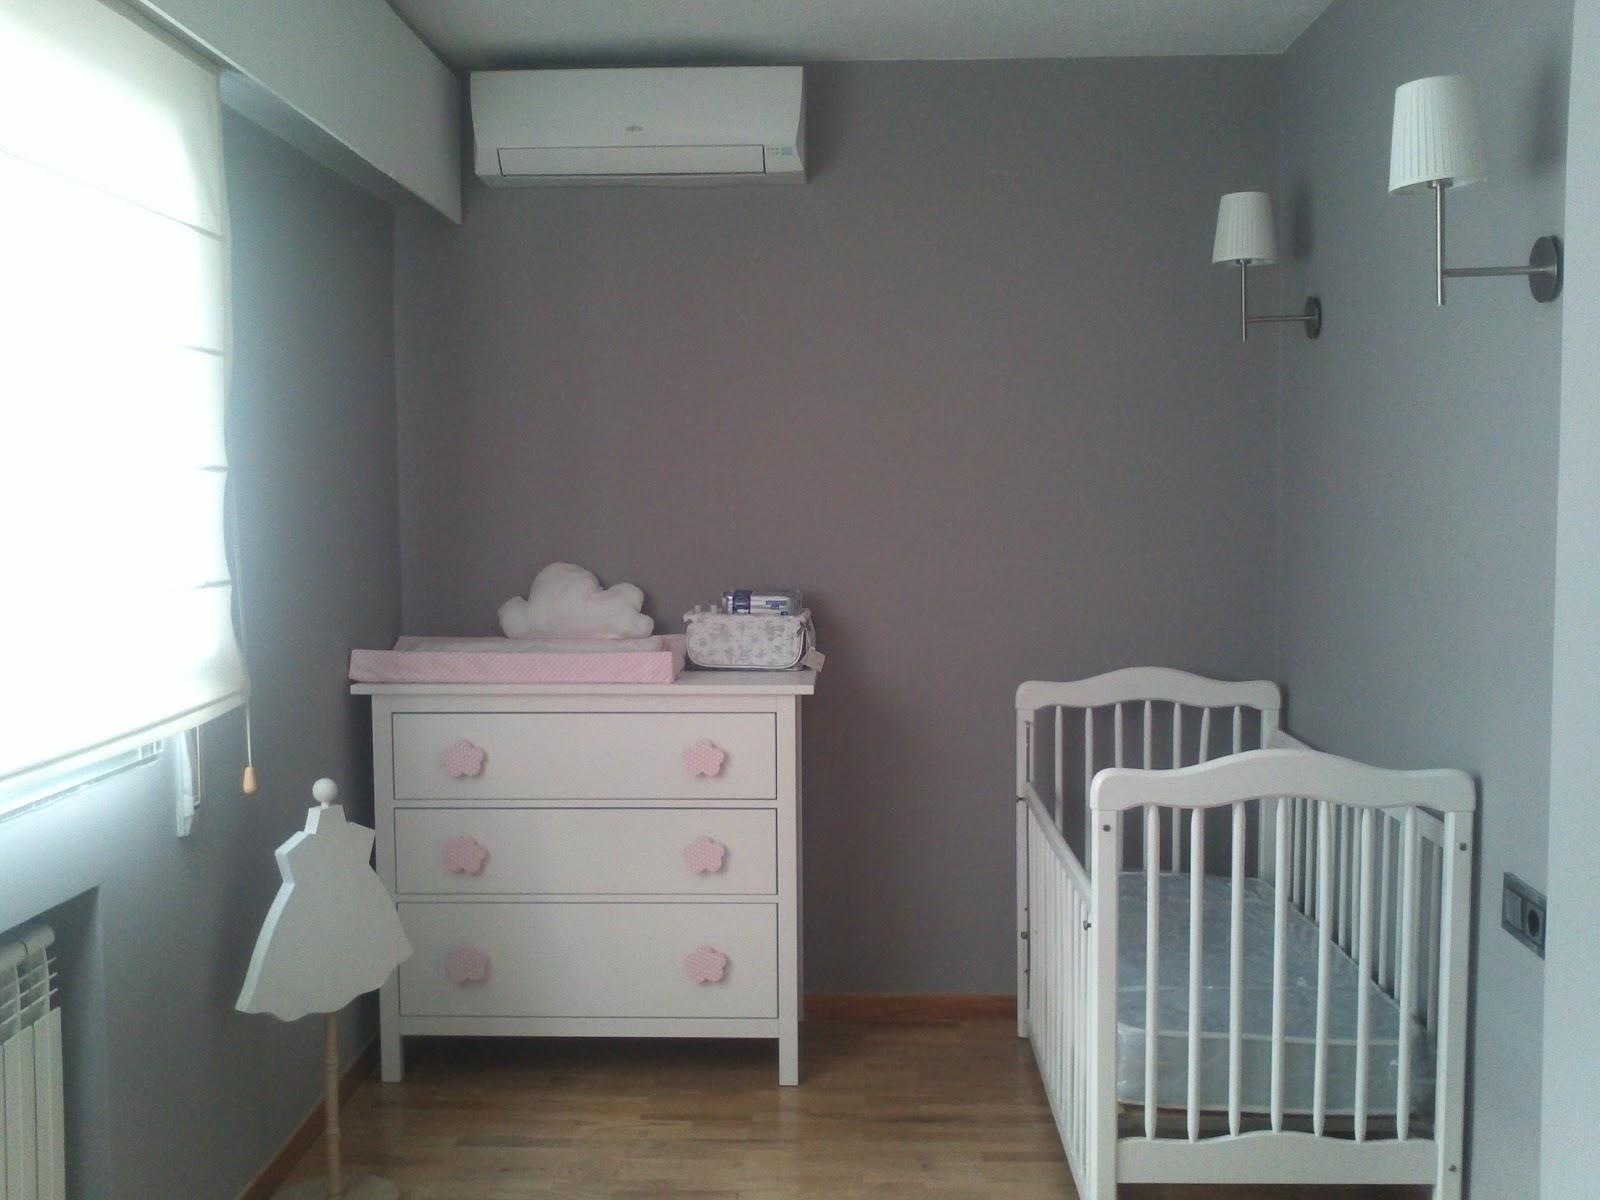 Mi vida sin hijos y ahora con bb la habitaci n de bb - Dormitorios de bebe ikea ...